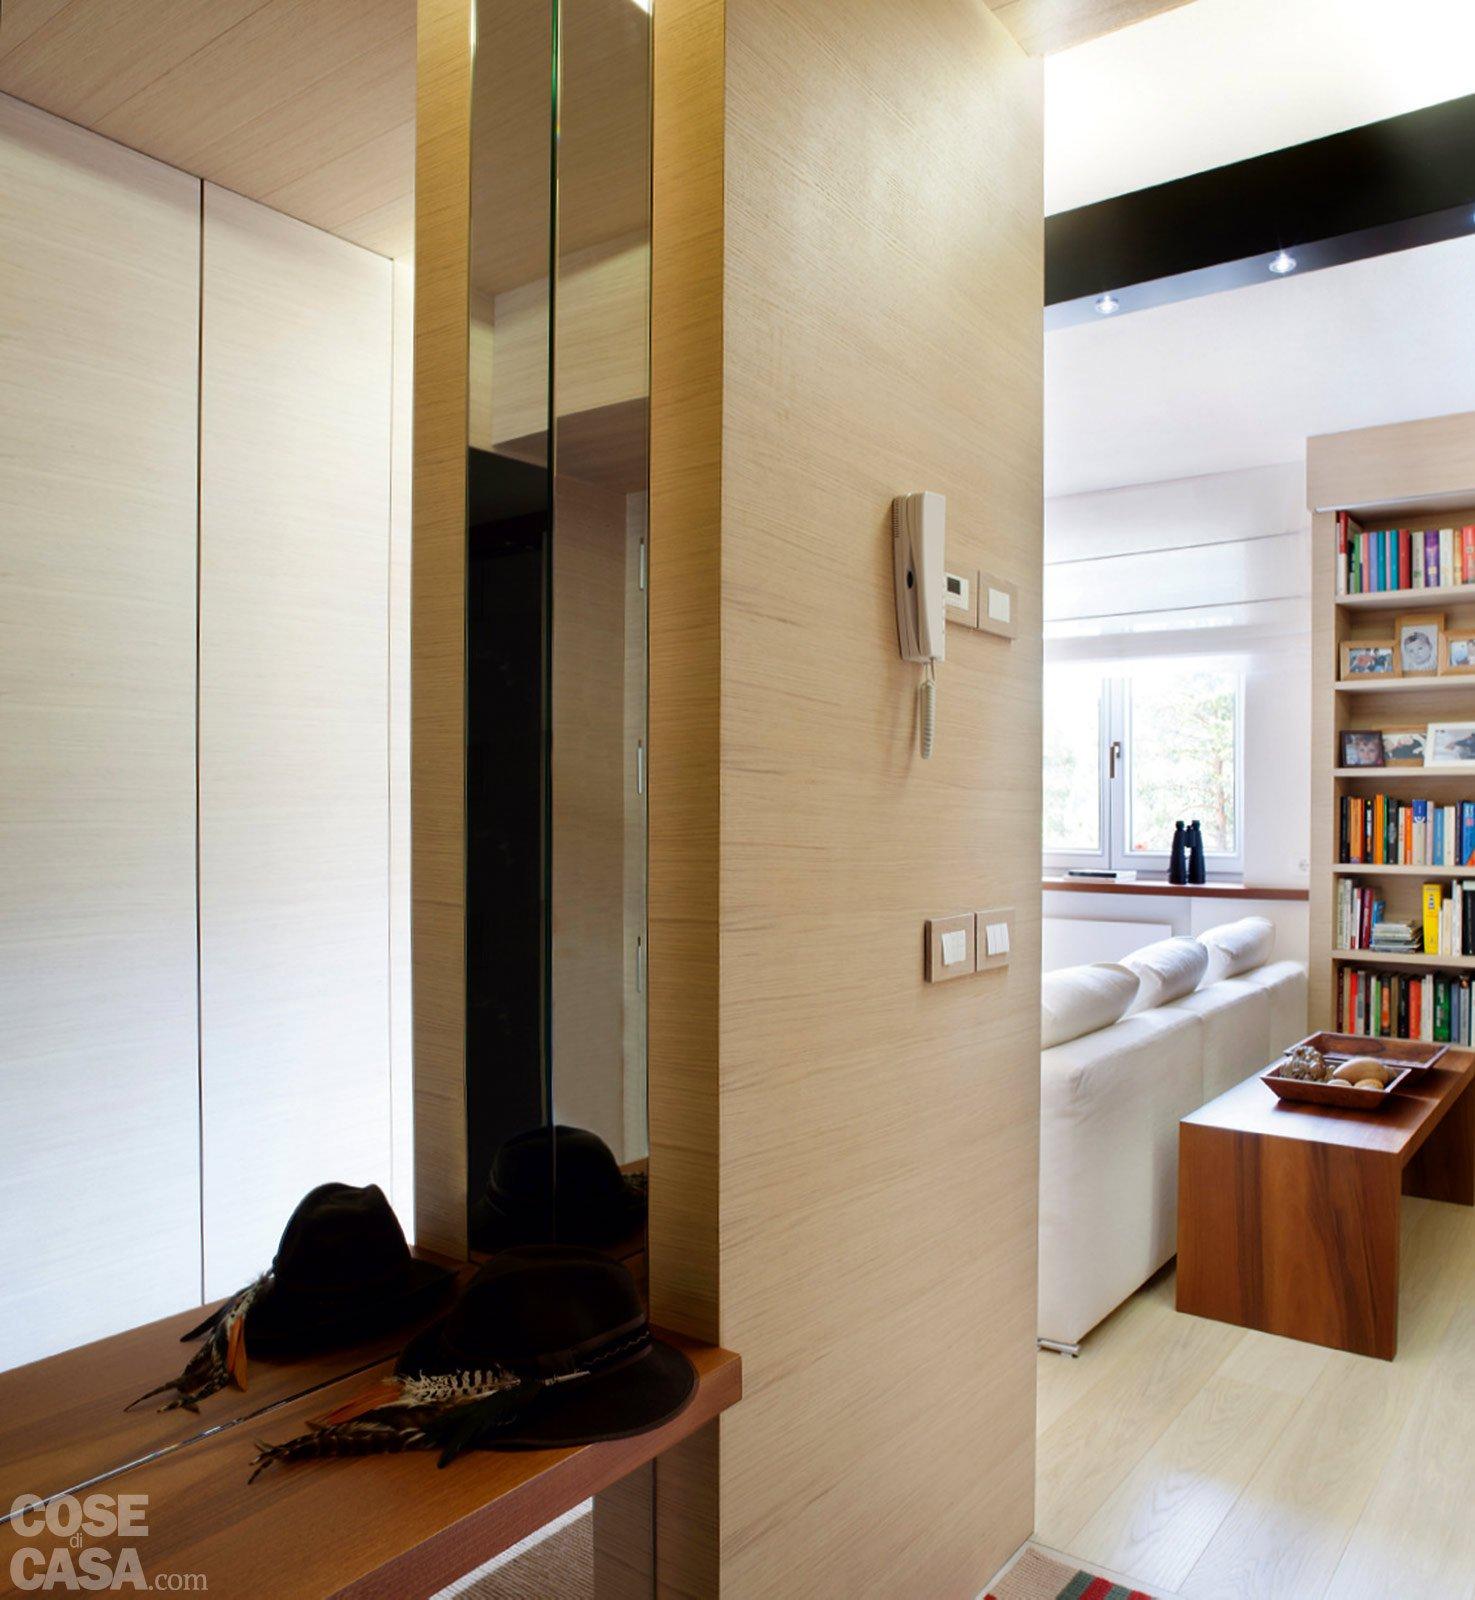 57 mq una casa con stanze trasformabili cose di casa for Casa di sei stanze